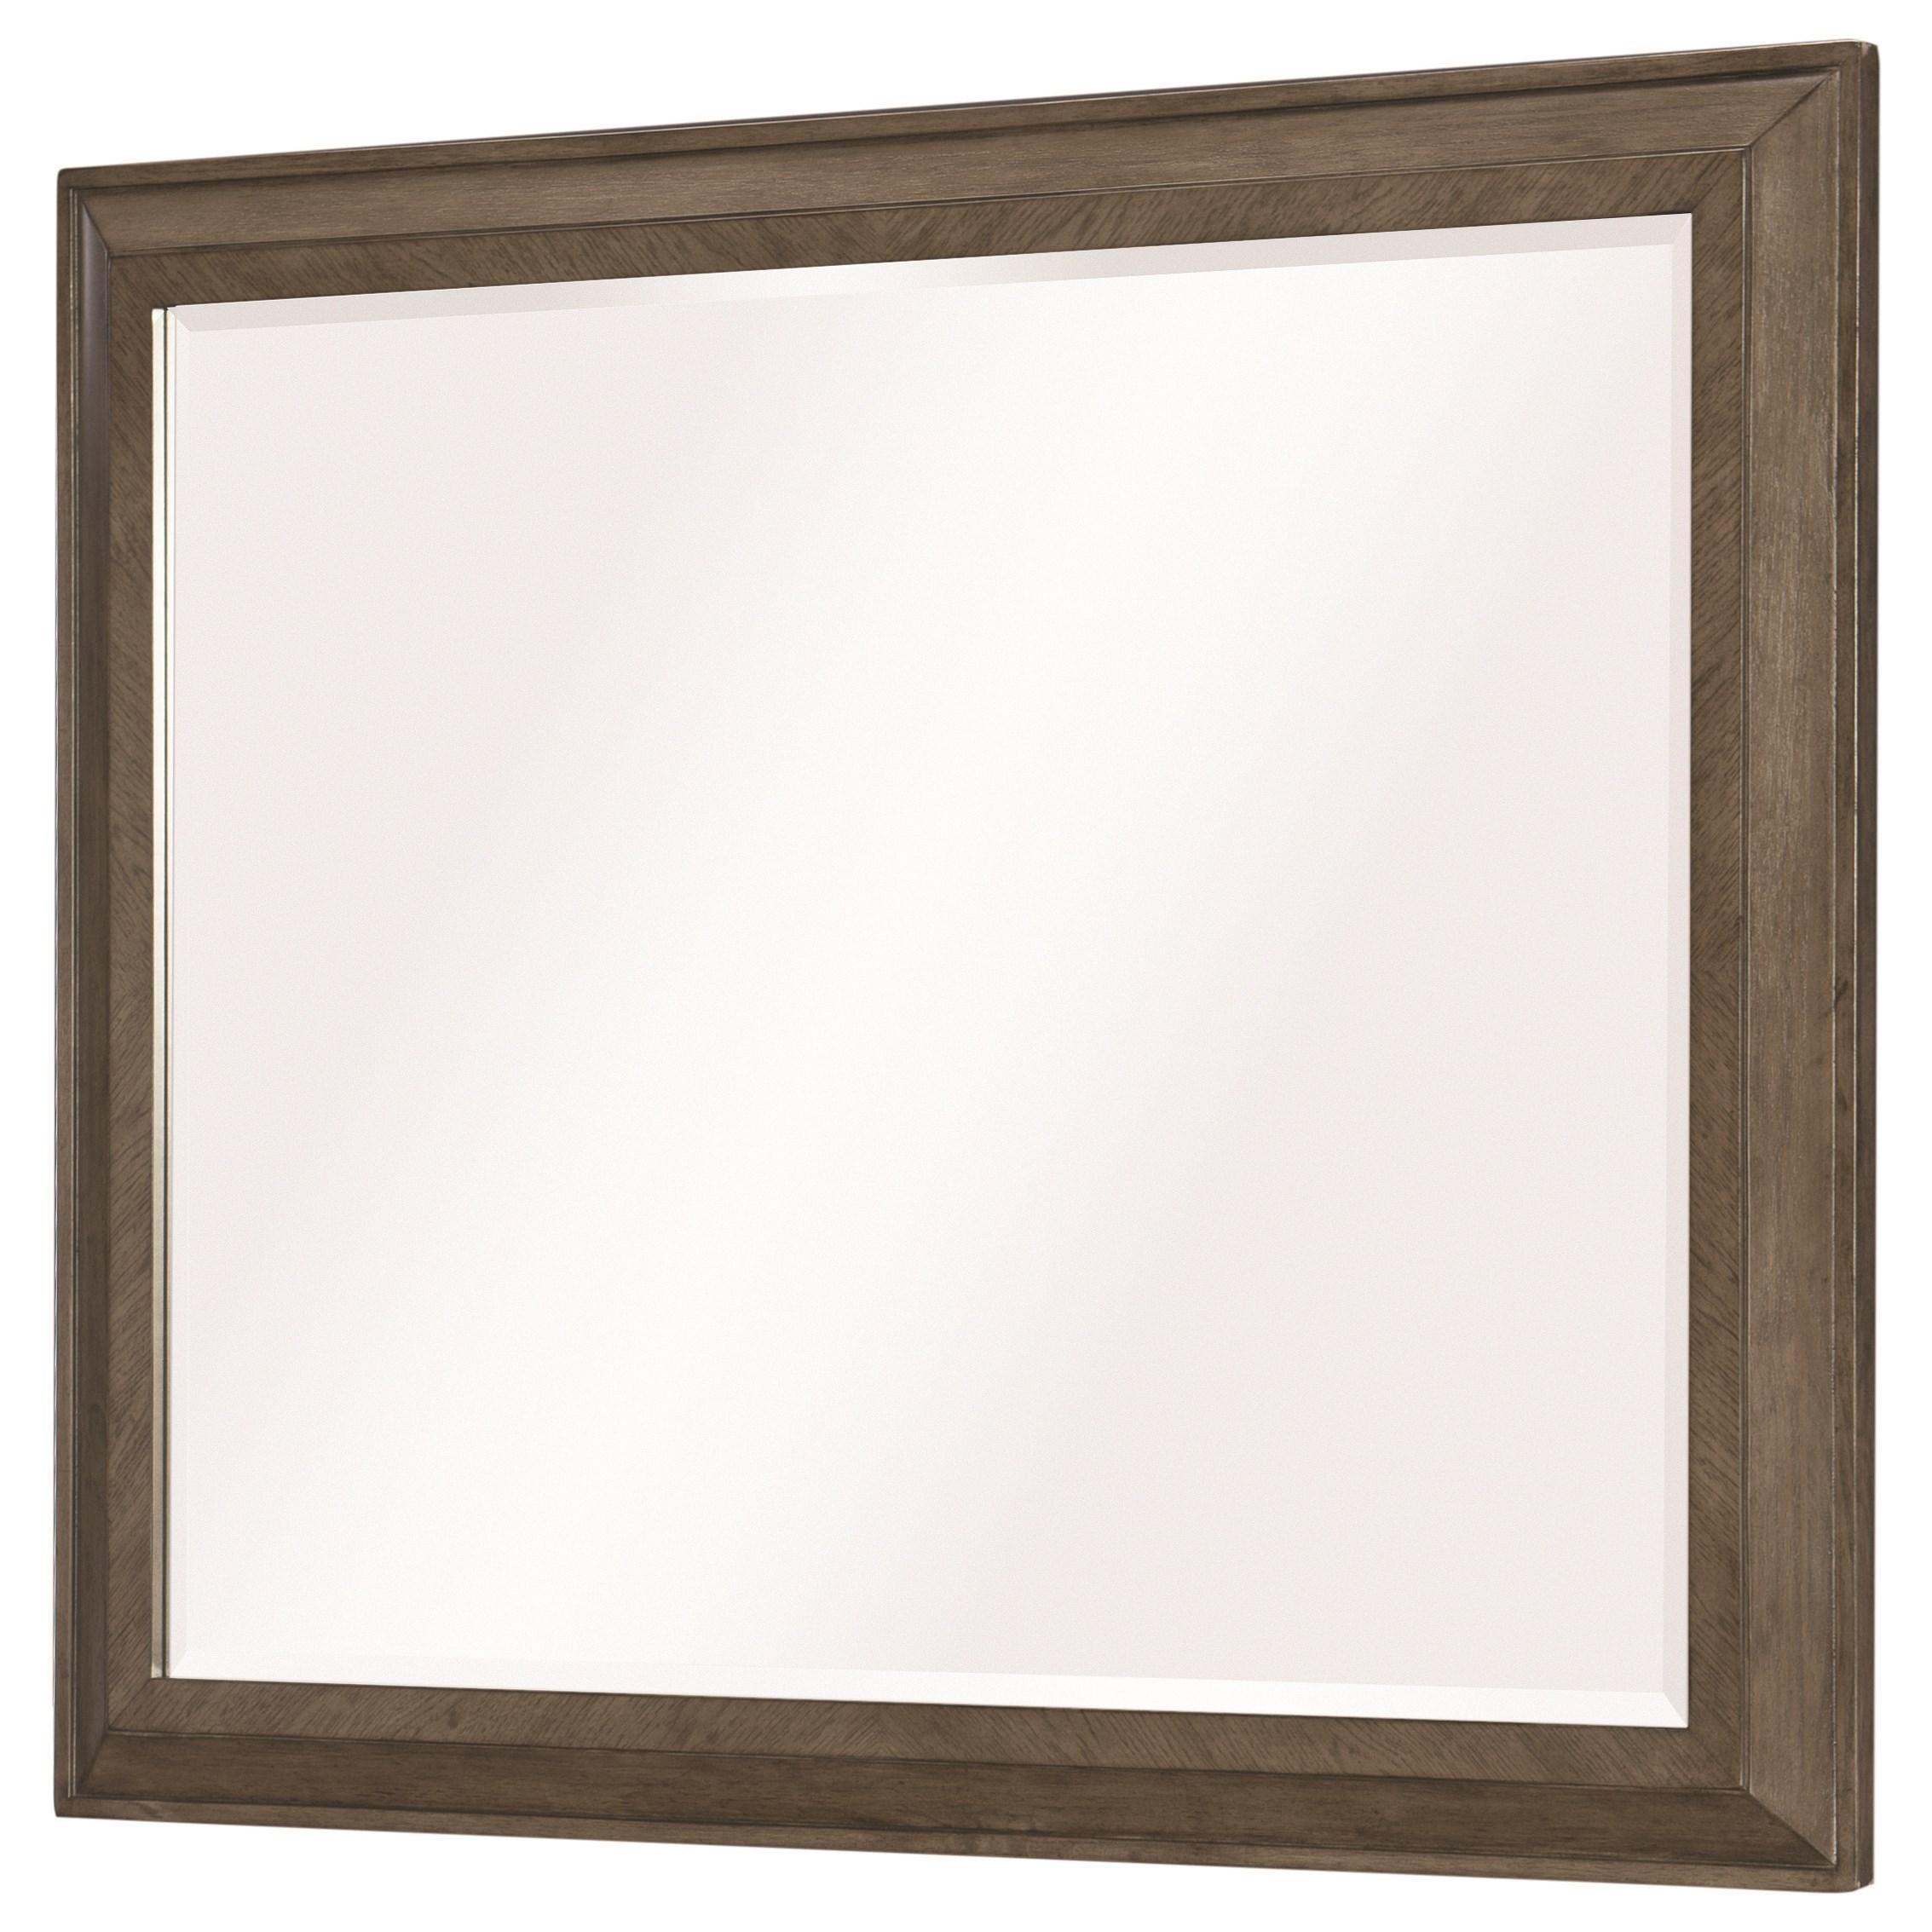 Legacy Classic Apex Landscape Mirror - Item Number: 7700-0200